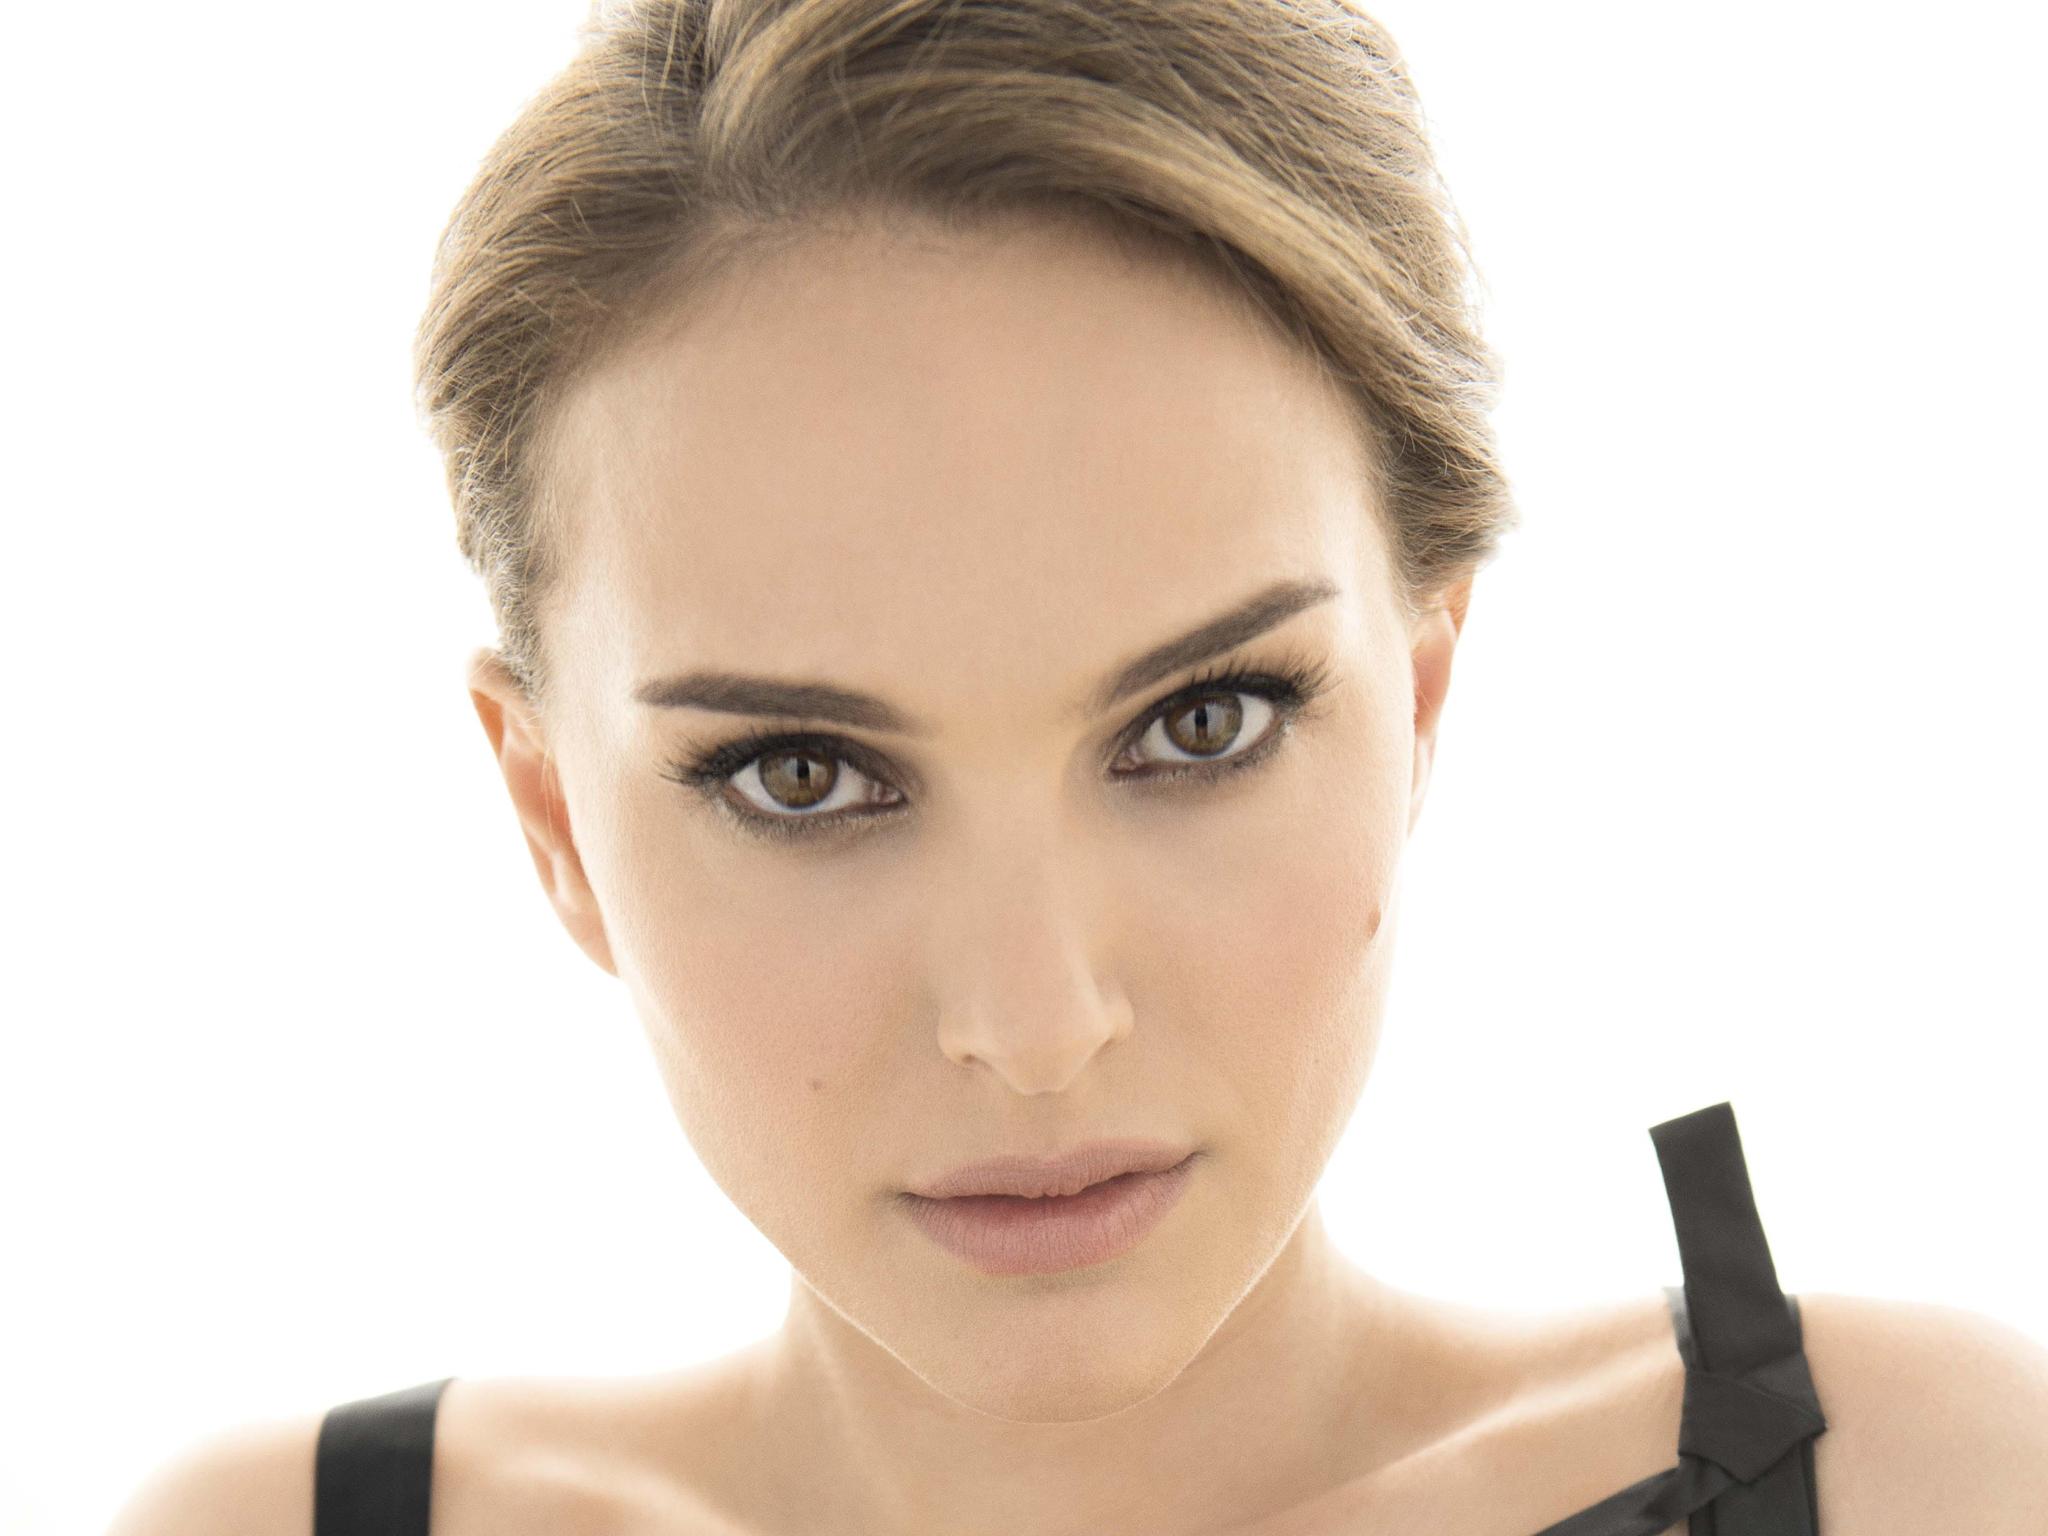 Natalie Portman High Definition